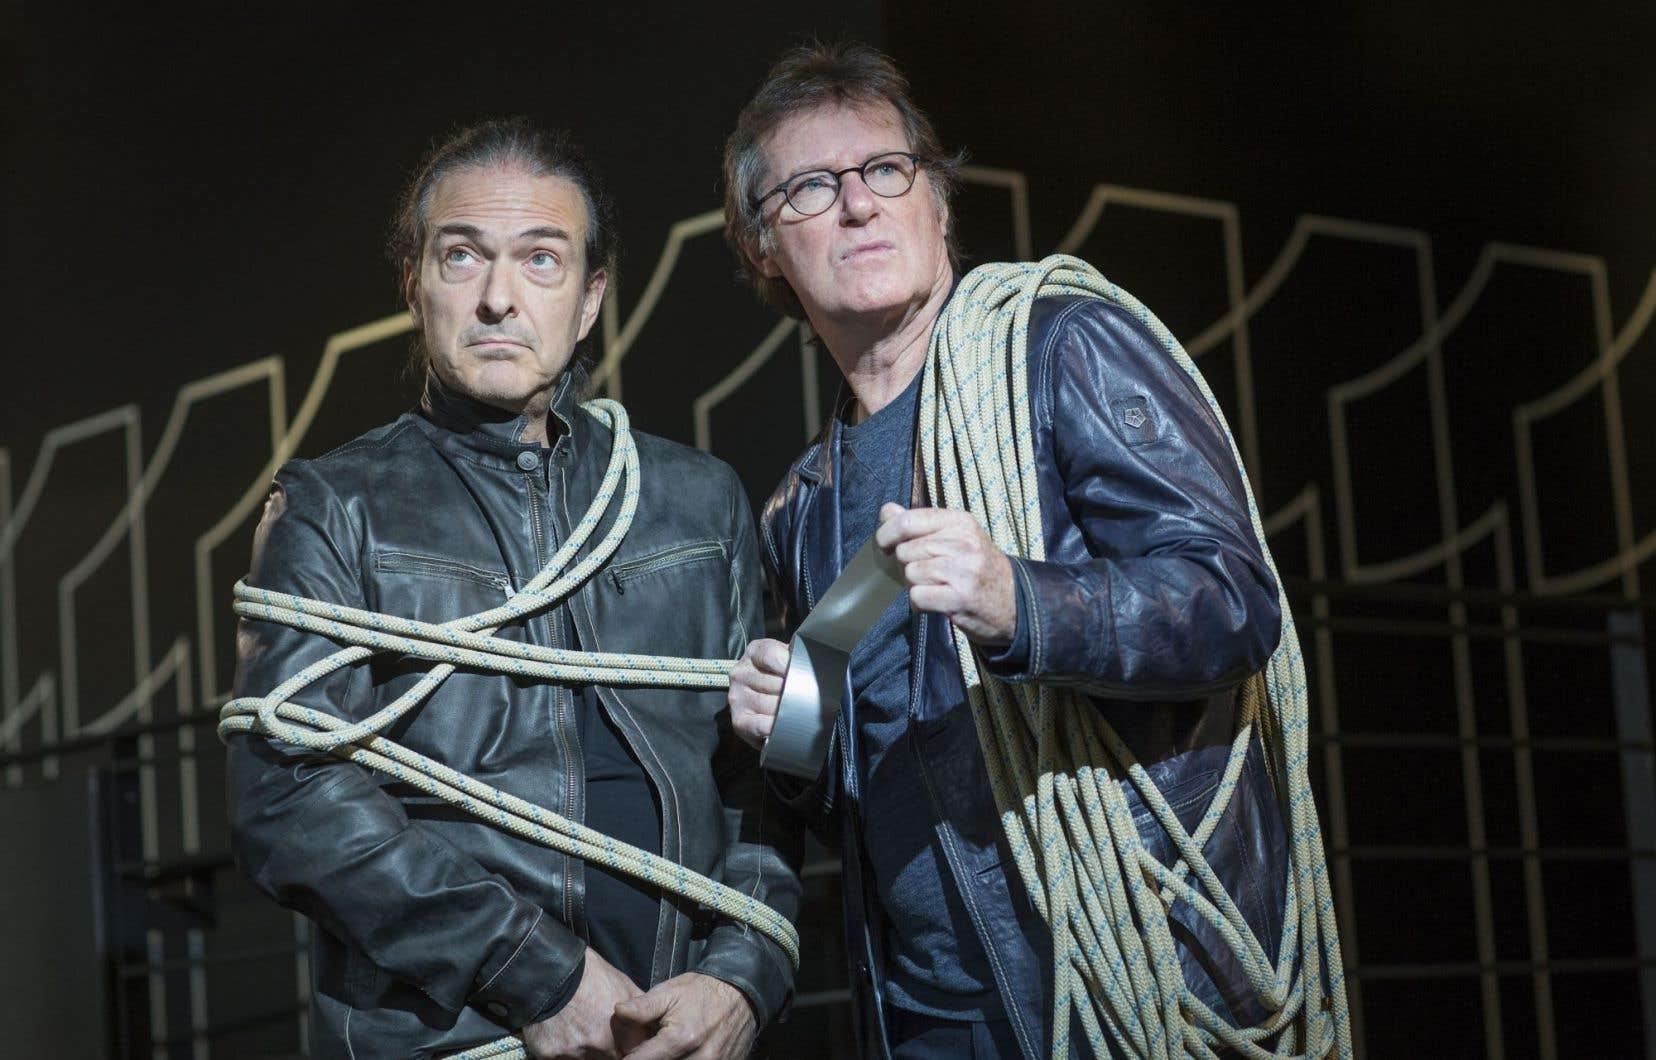 Réunis pour un film singulier et complexe, le réalisateur Richard Angers et Marc Messier se sont faits plus légers pour la photo.